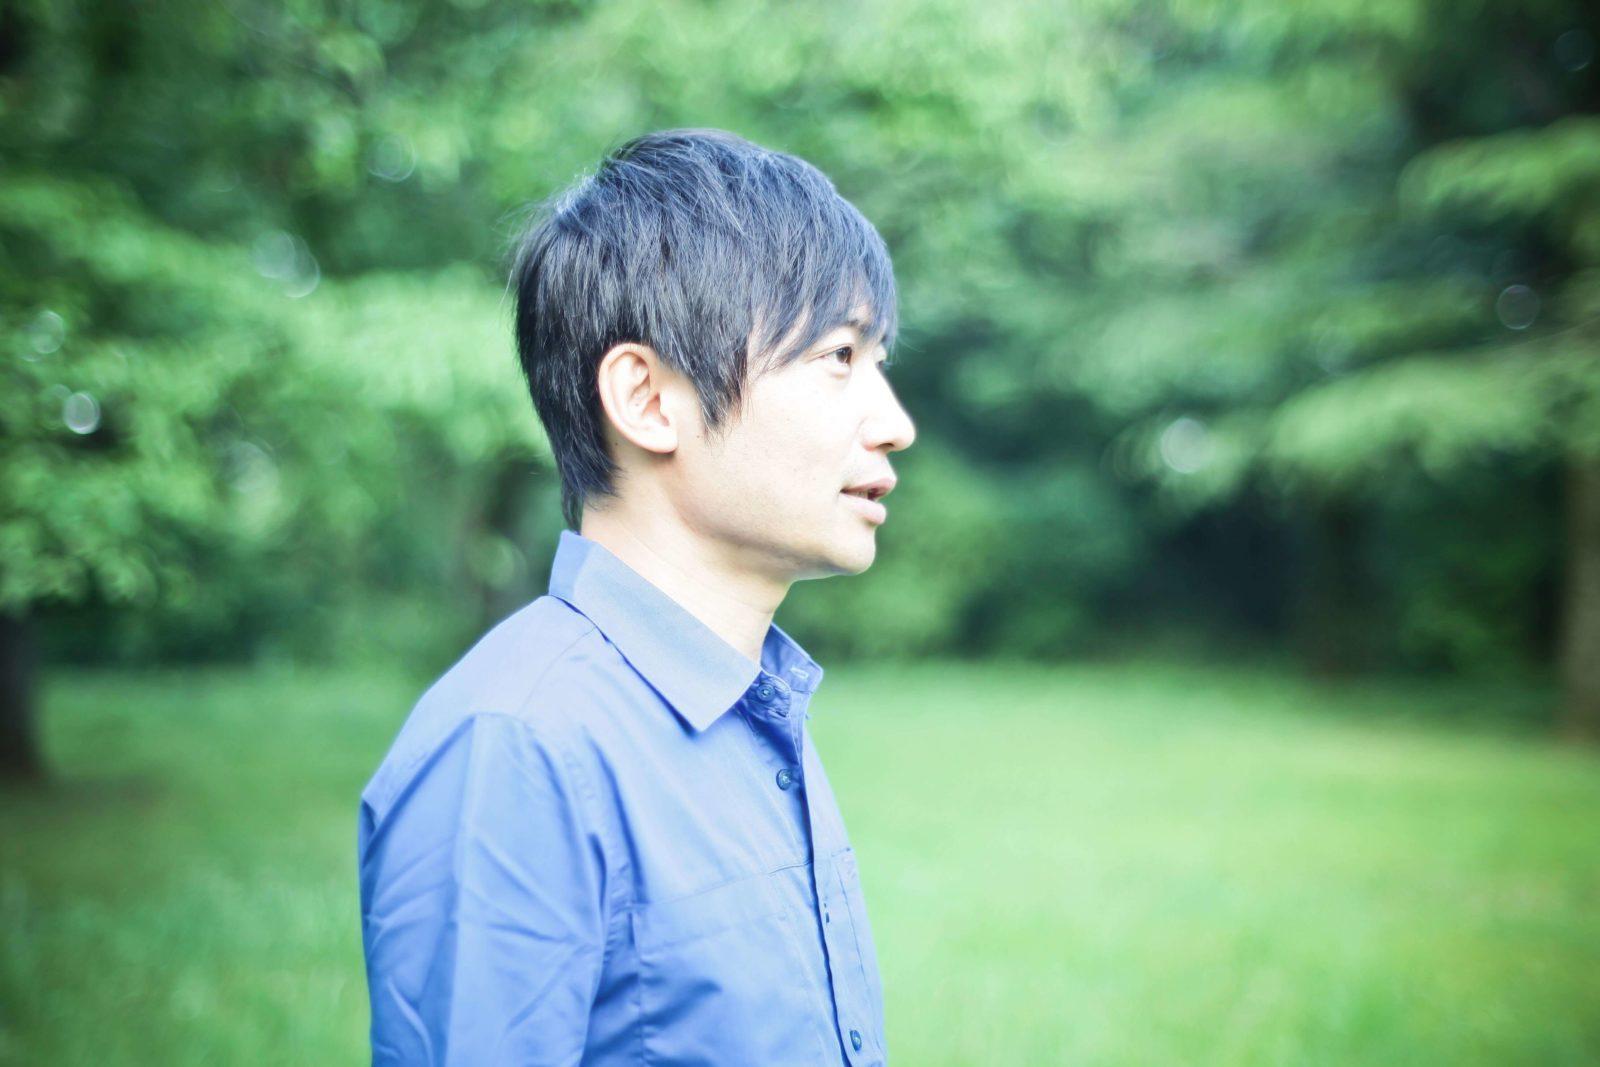 ワタナベ・ヒロシのプロジェクト、KAITOのニューアルバム6年ぶり発売サムネイル画像